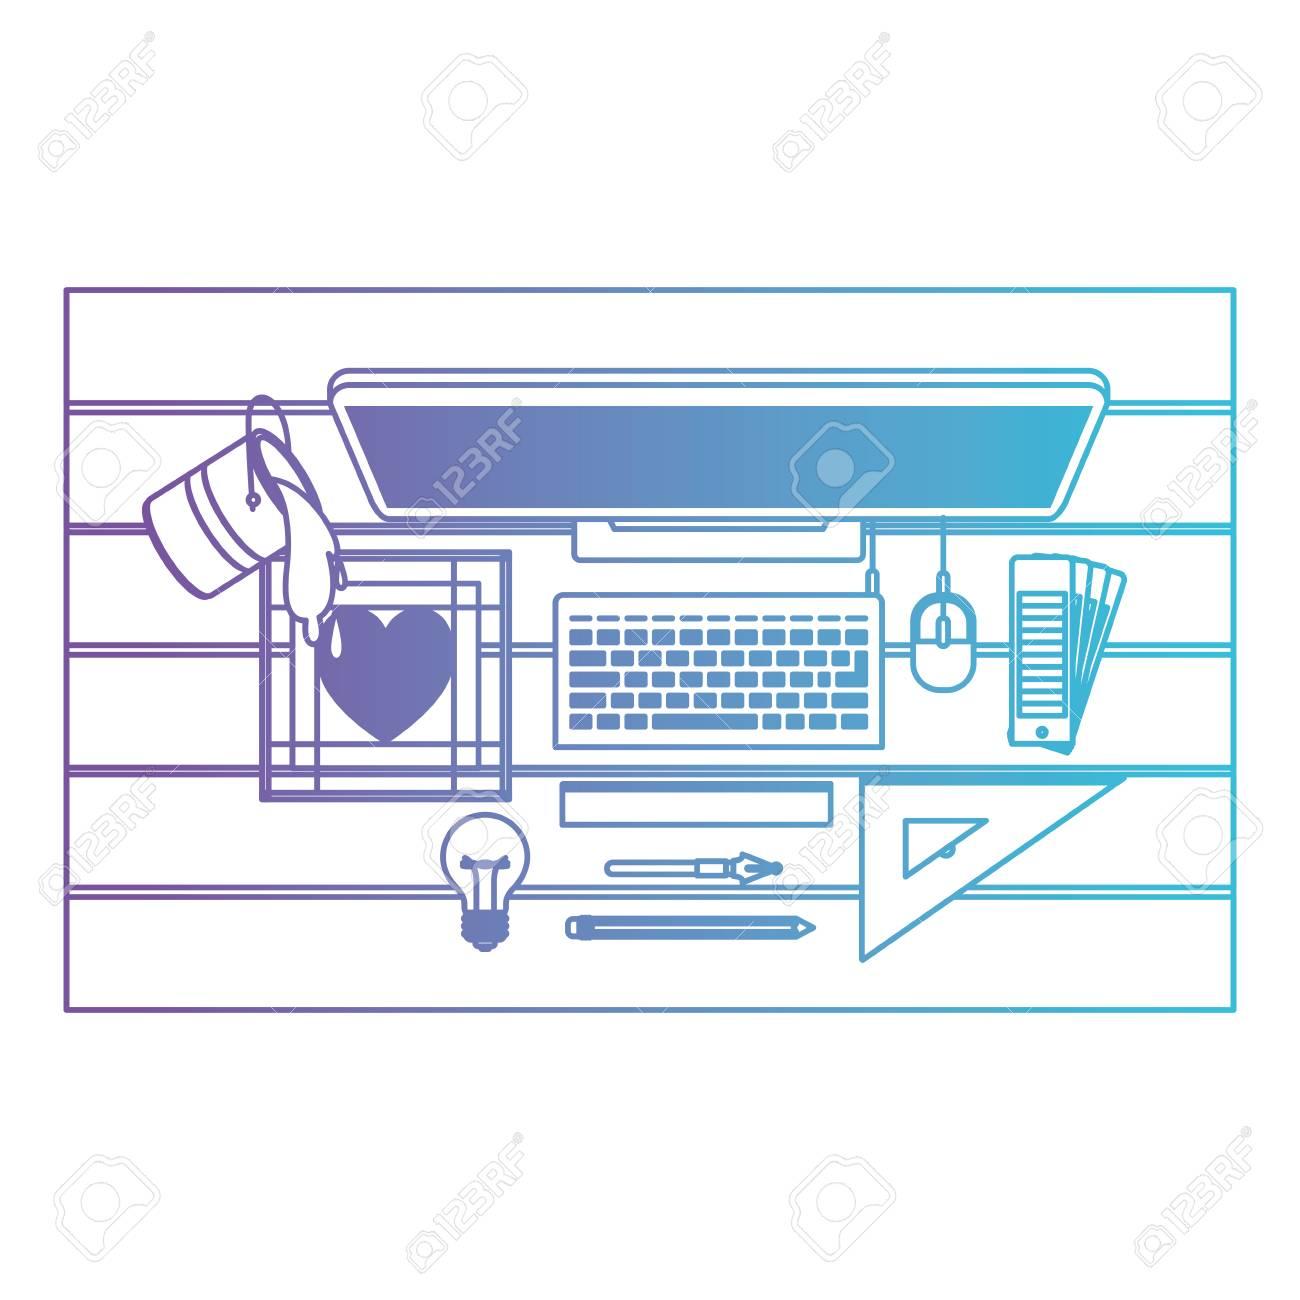 A Desktop Computer Draw Digitized Heart Ruler Creative Design